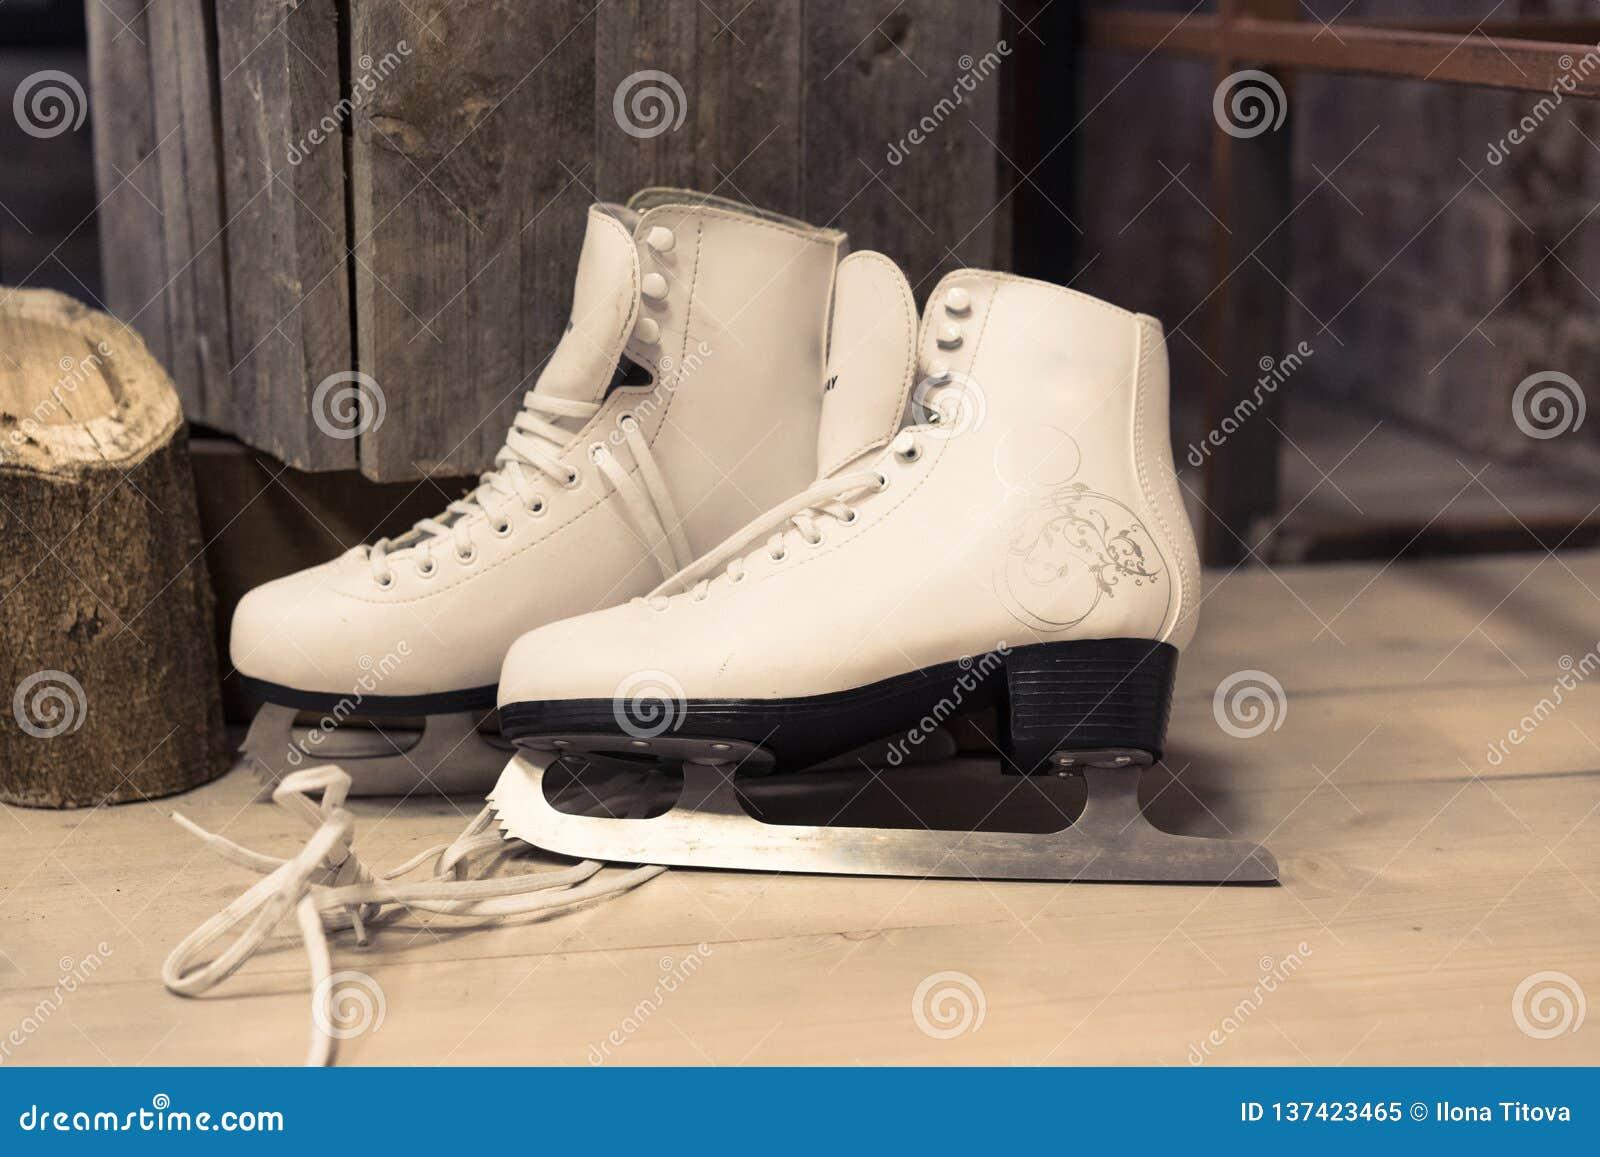 Les patins blancs des femmes sont sur le plancher féminin pour patiner Sport d hiver